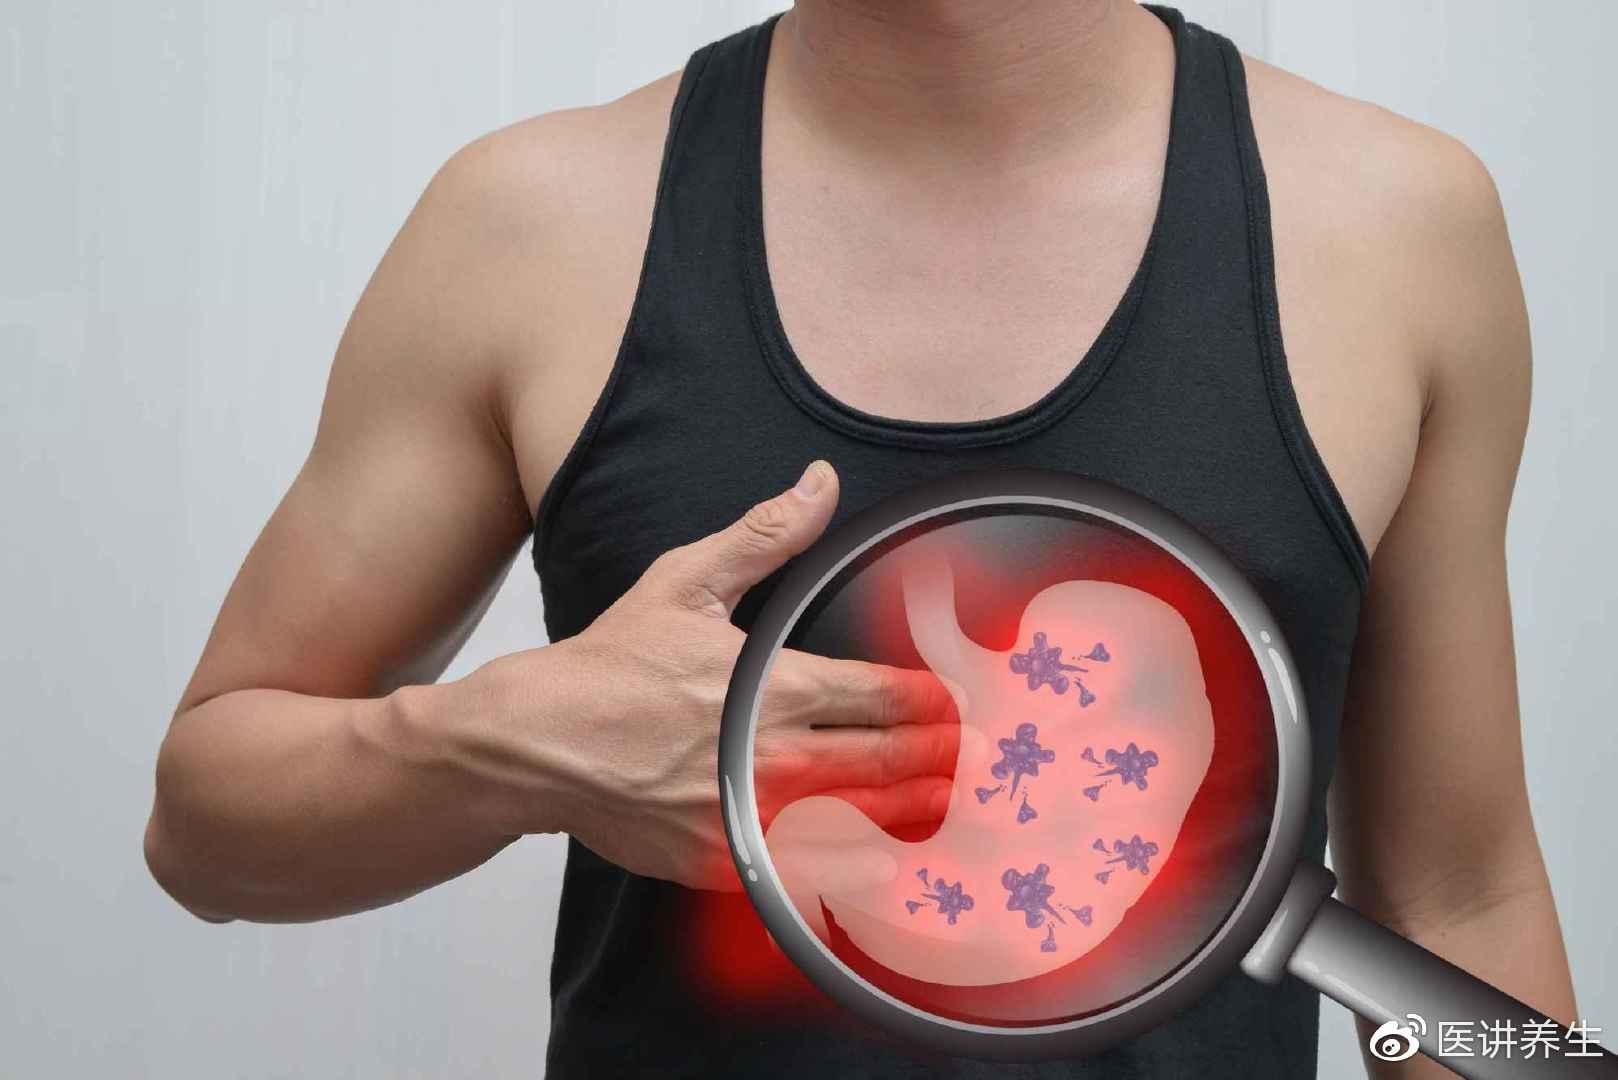 谁来管管胃癌?医生提醒:四种食物平时多吃点,胃病来得少一点